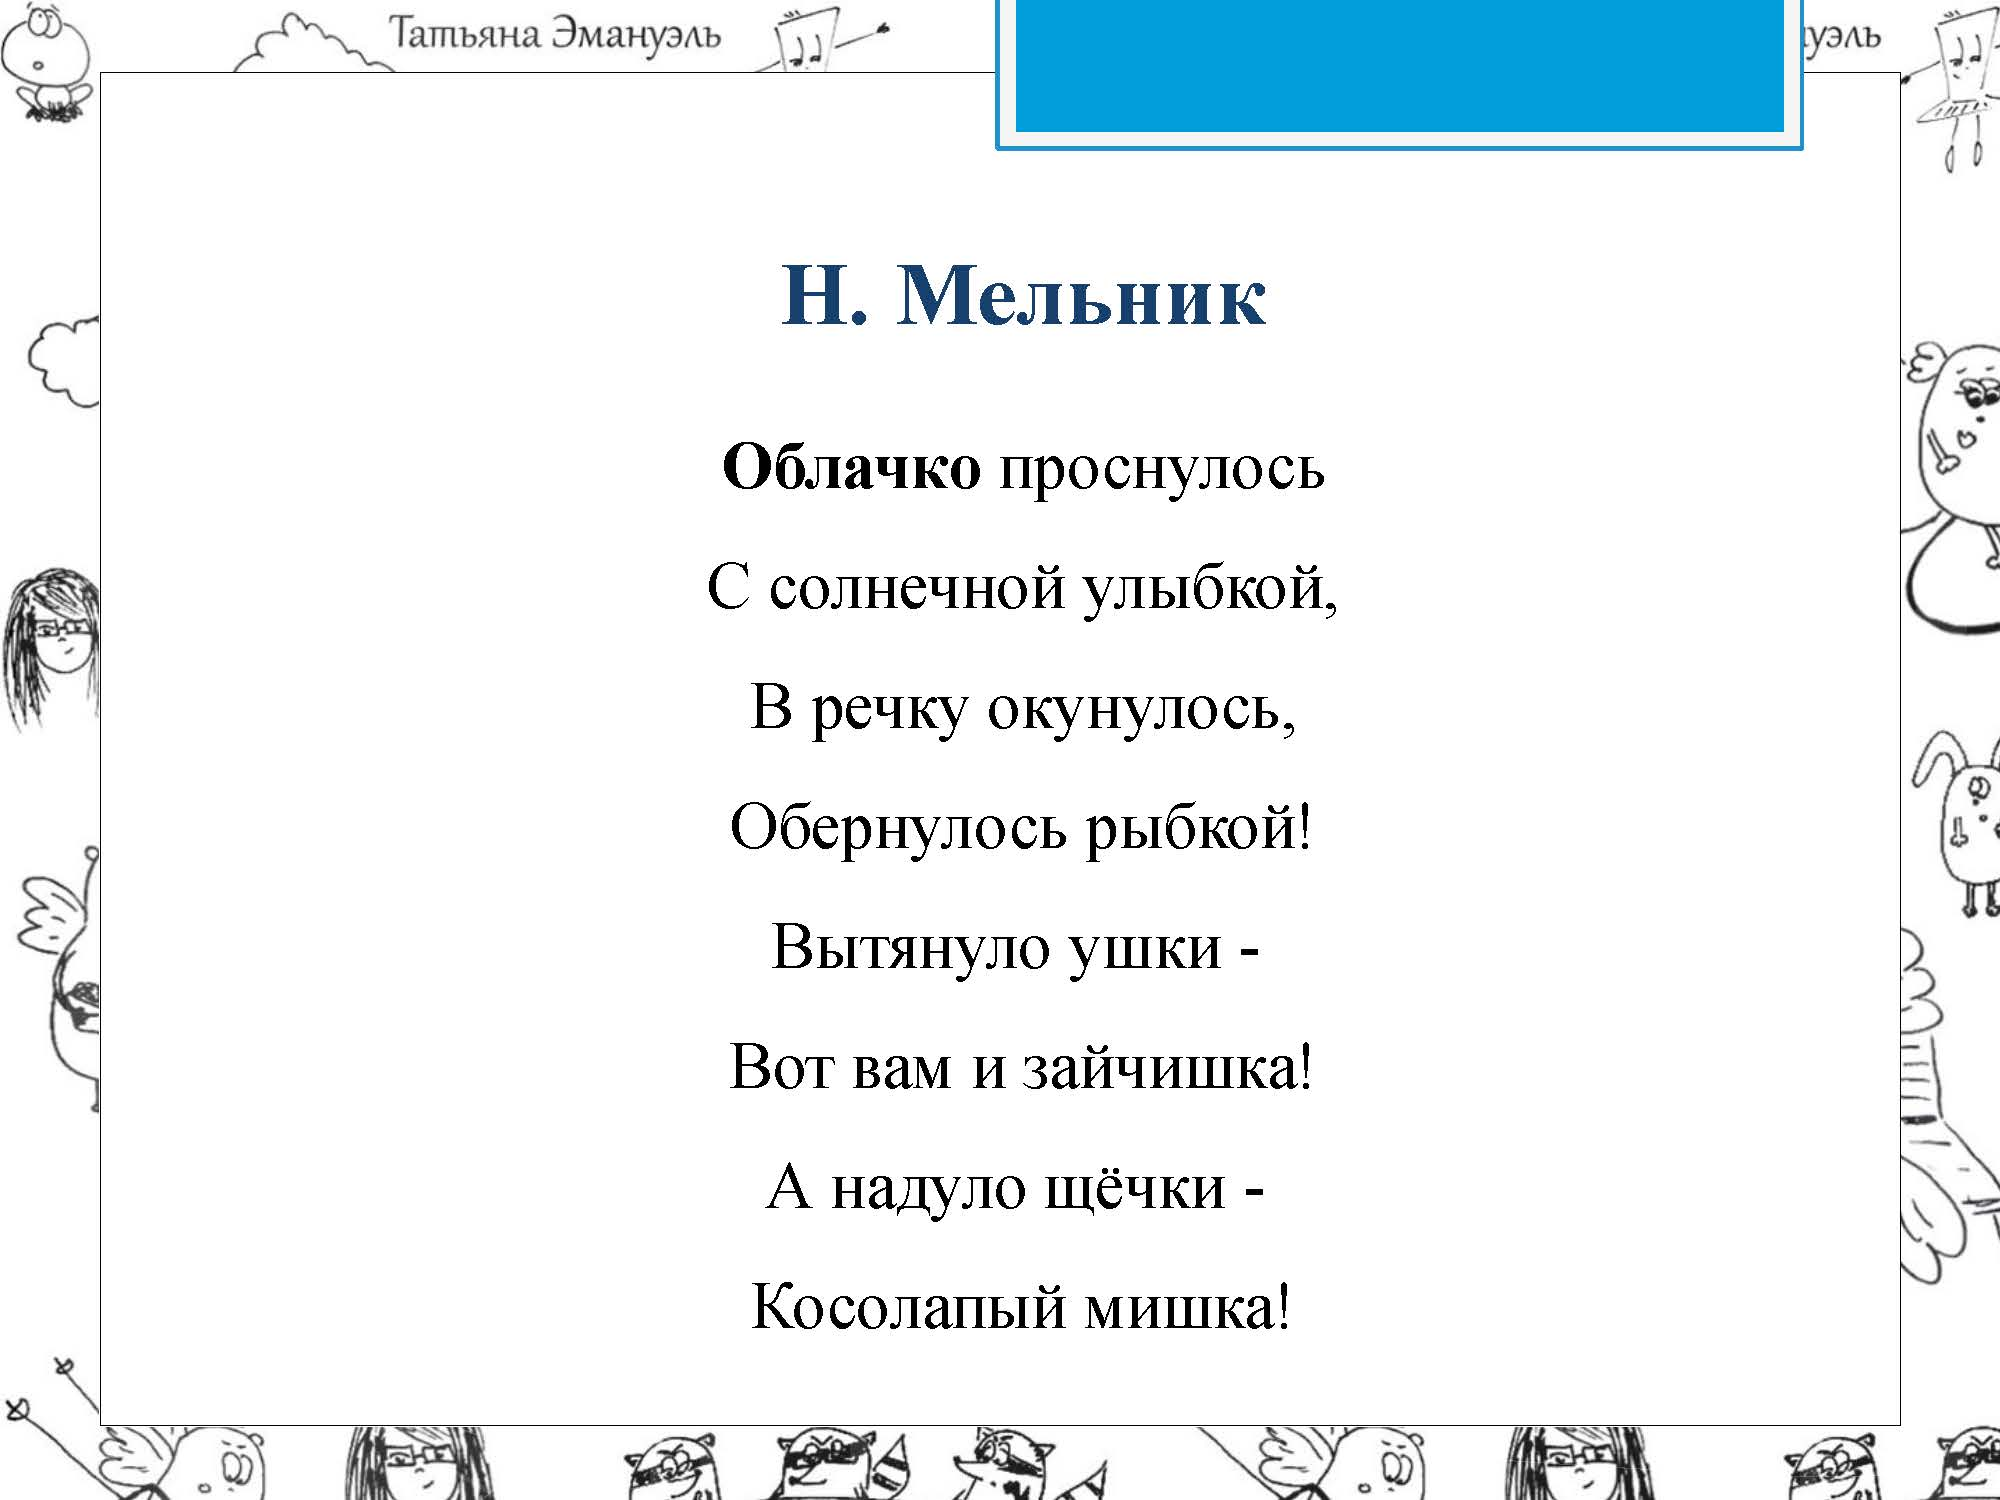 !облака_Страница_172